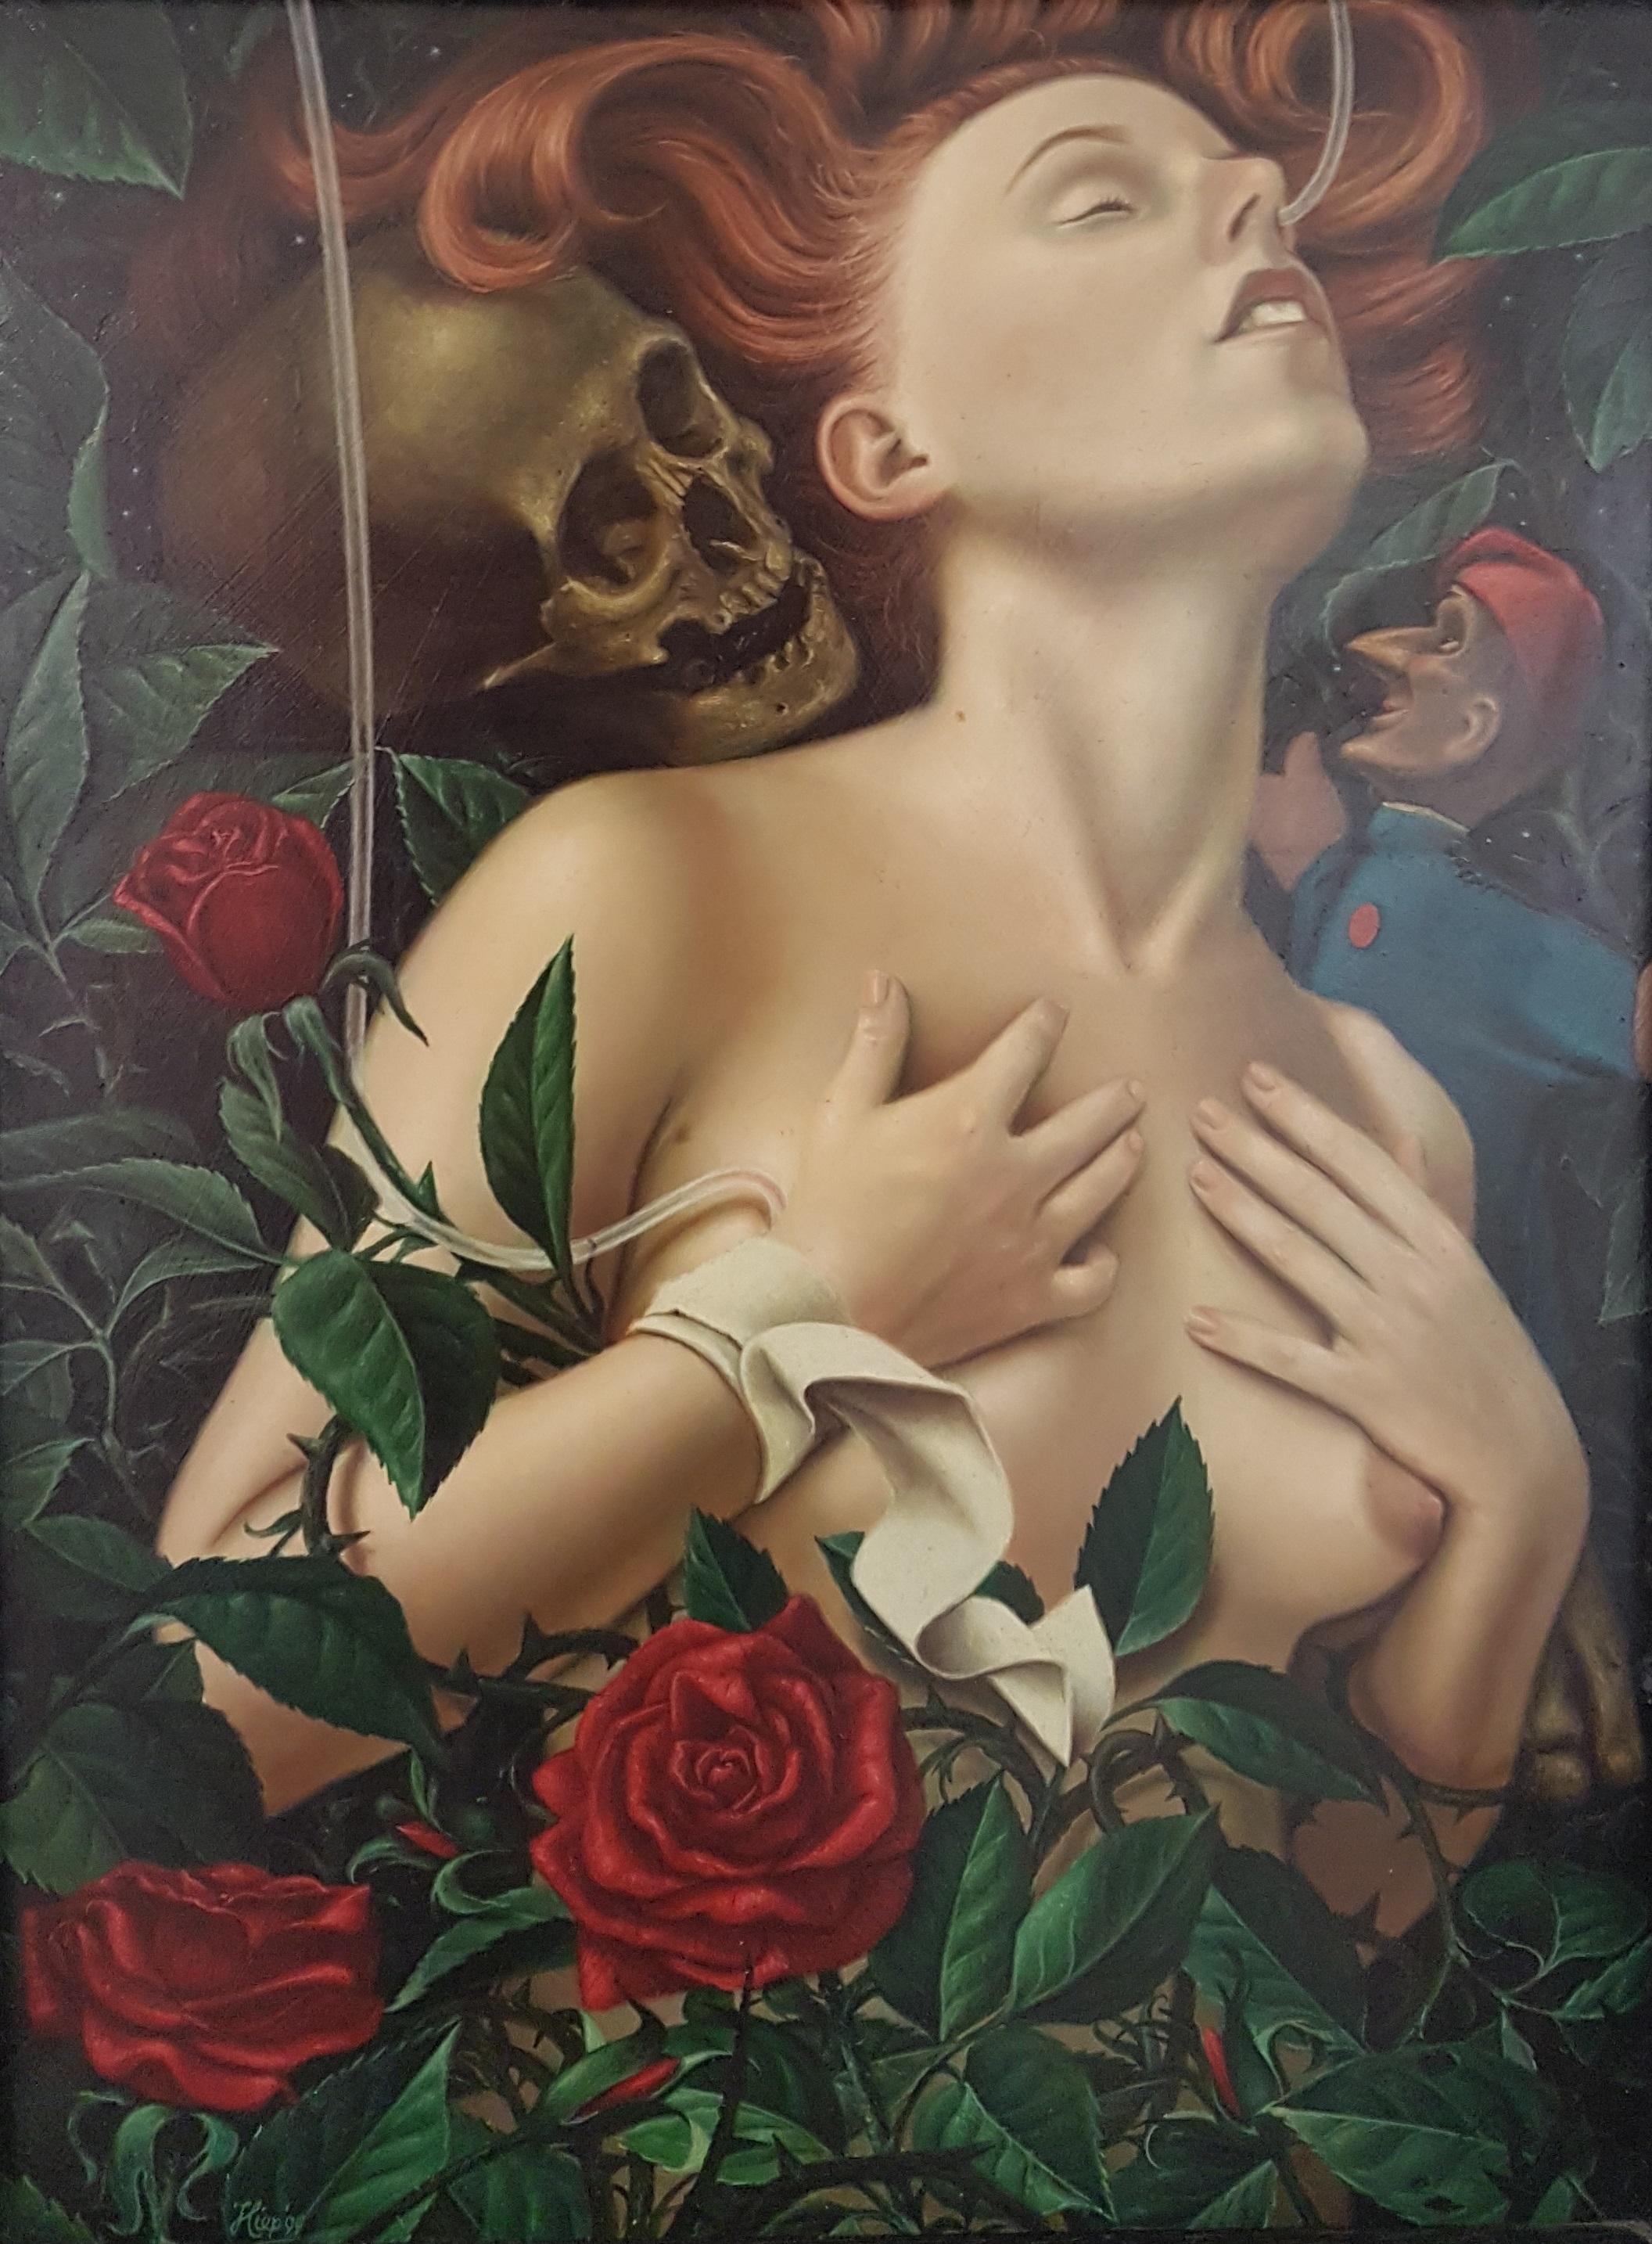 Naakt omgeven door rozen, een pop en schedel